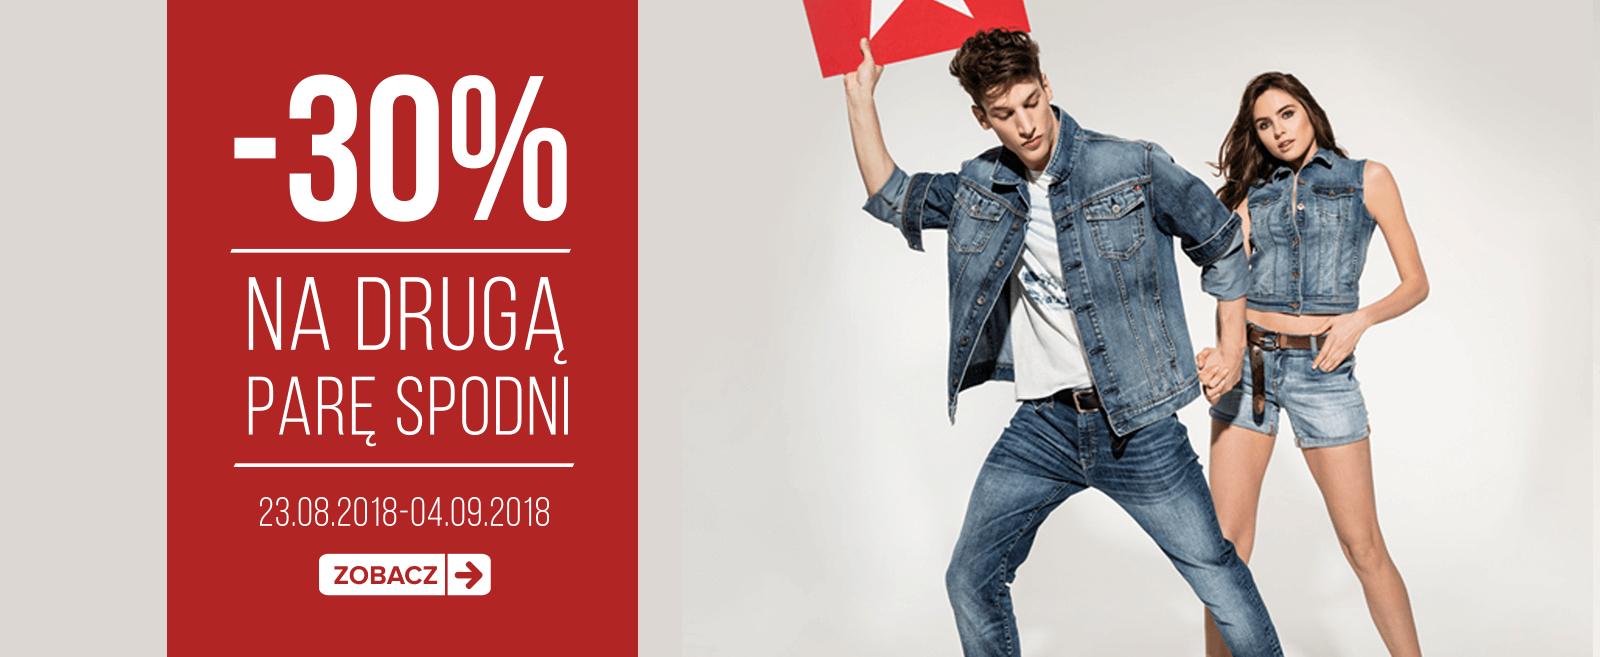 -30% na drugą parę spodni (obejmuje wyprzedaż) @ Big Star